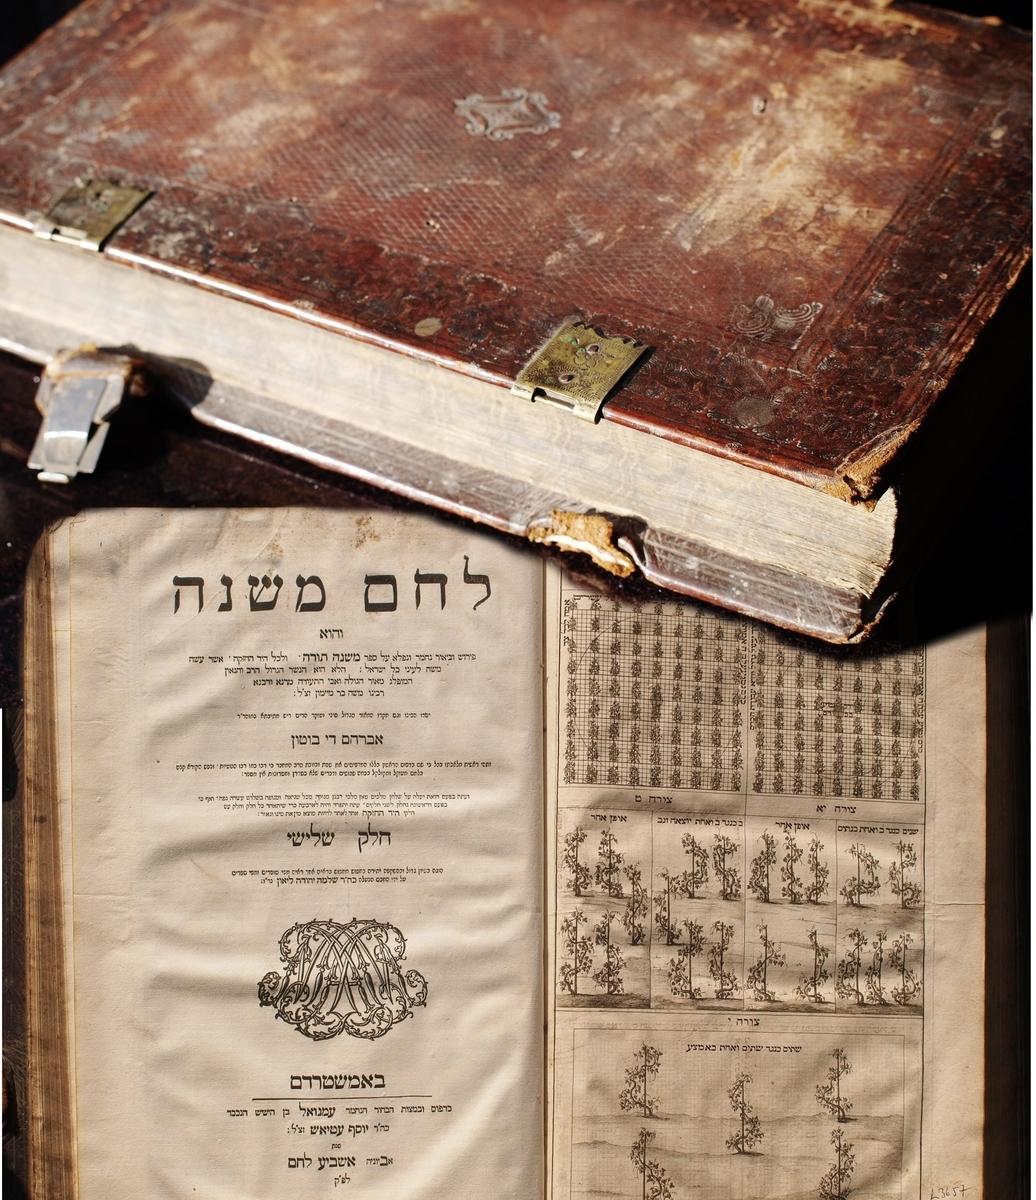 """Kelios seniausios knygos iš M. Strašuno asmeninės kolekcijos, kuri tapo viešosios Strašuno bibliotekos pagrindu.<br /> Mozė Maimonidas. """"Mishne tora"""" (hebr. Mokymo atkartojimas) su Abraomo de Botono komentaru """"Lekhem mishne"""" (hebr. Duona Šventyklos aukai). Amsterdamas, Imanuelio Juozapo Etiaso spaustuvė, 1702."""